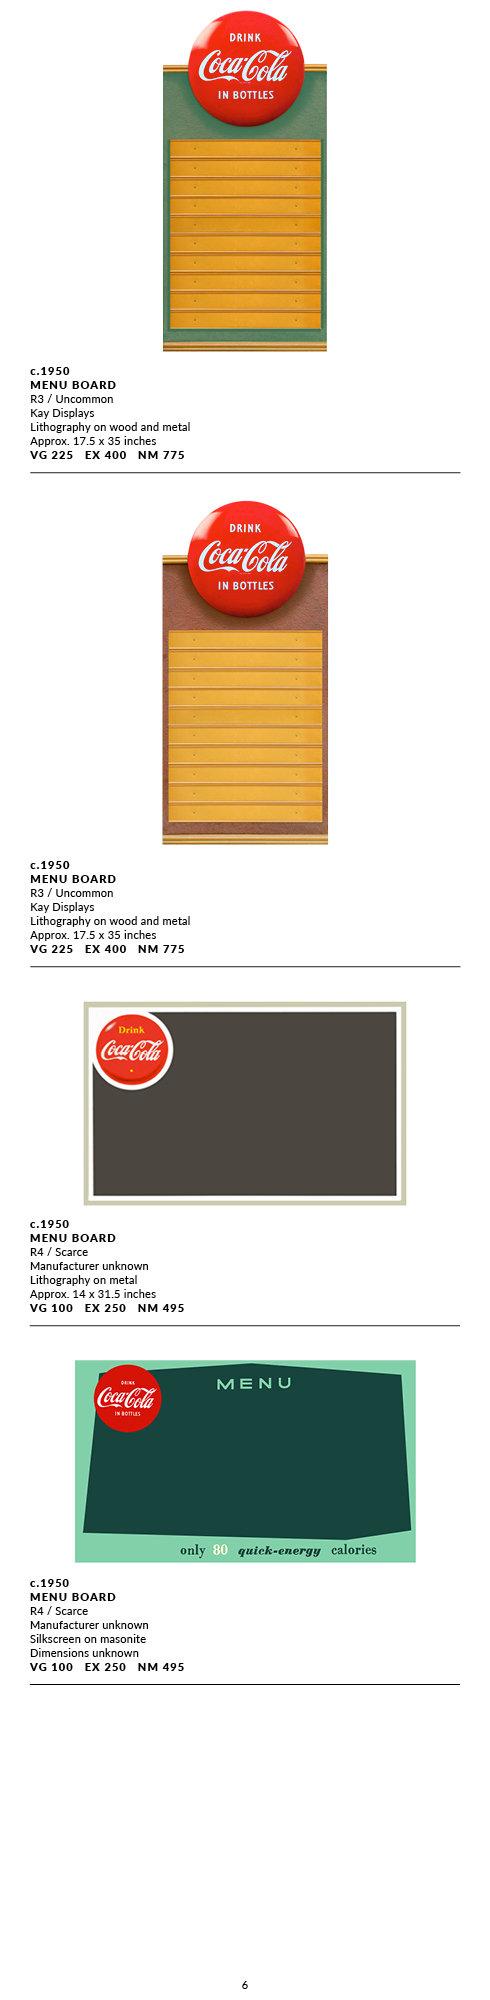 Menu Boards6.jpg